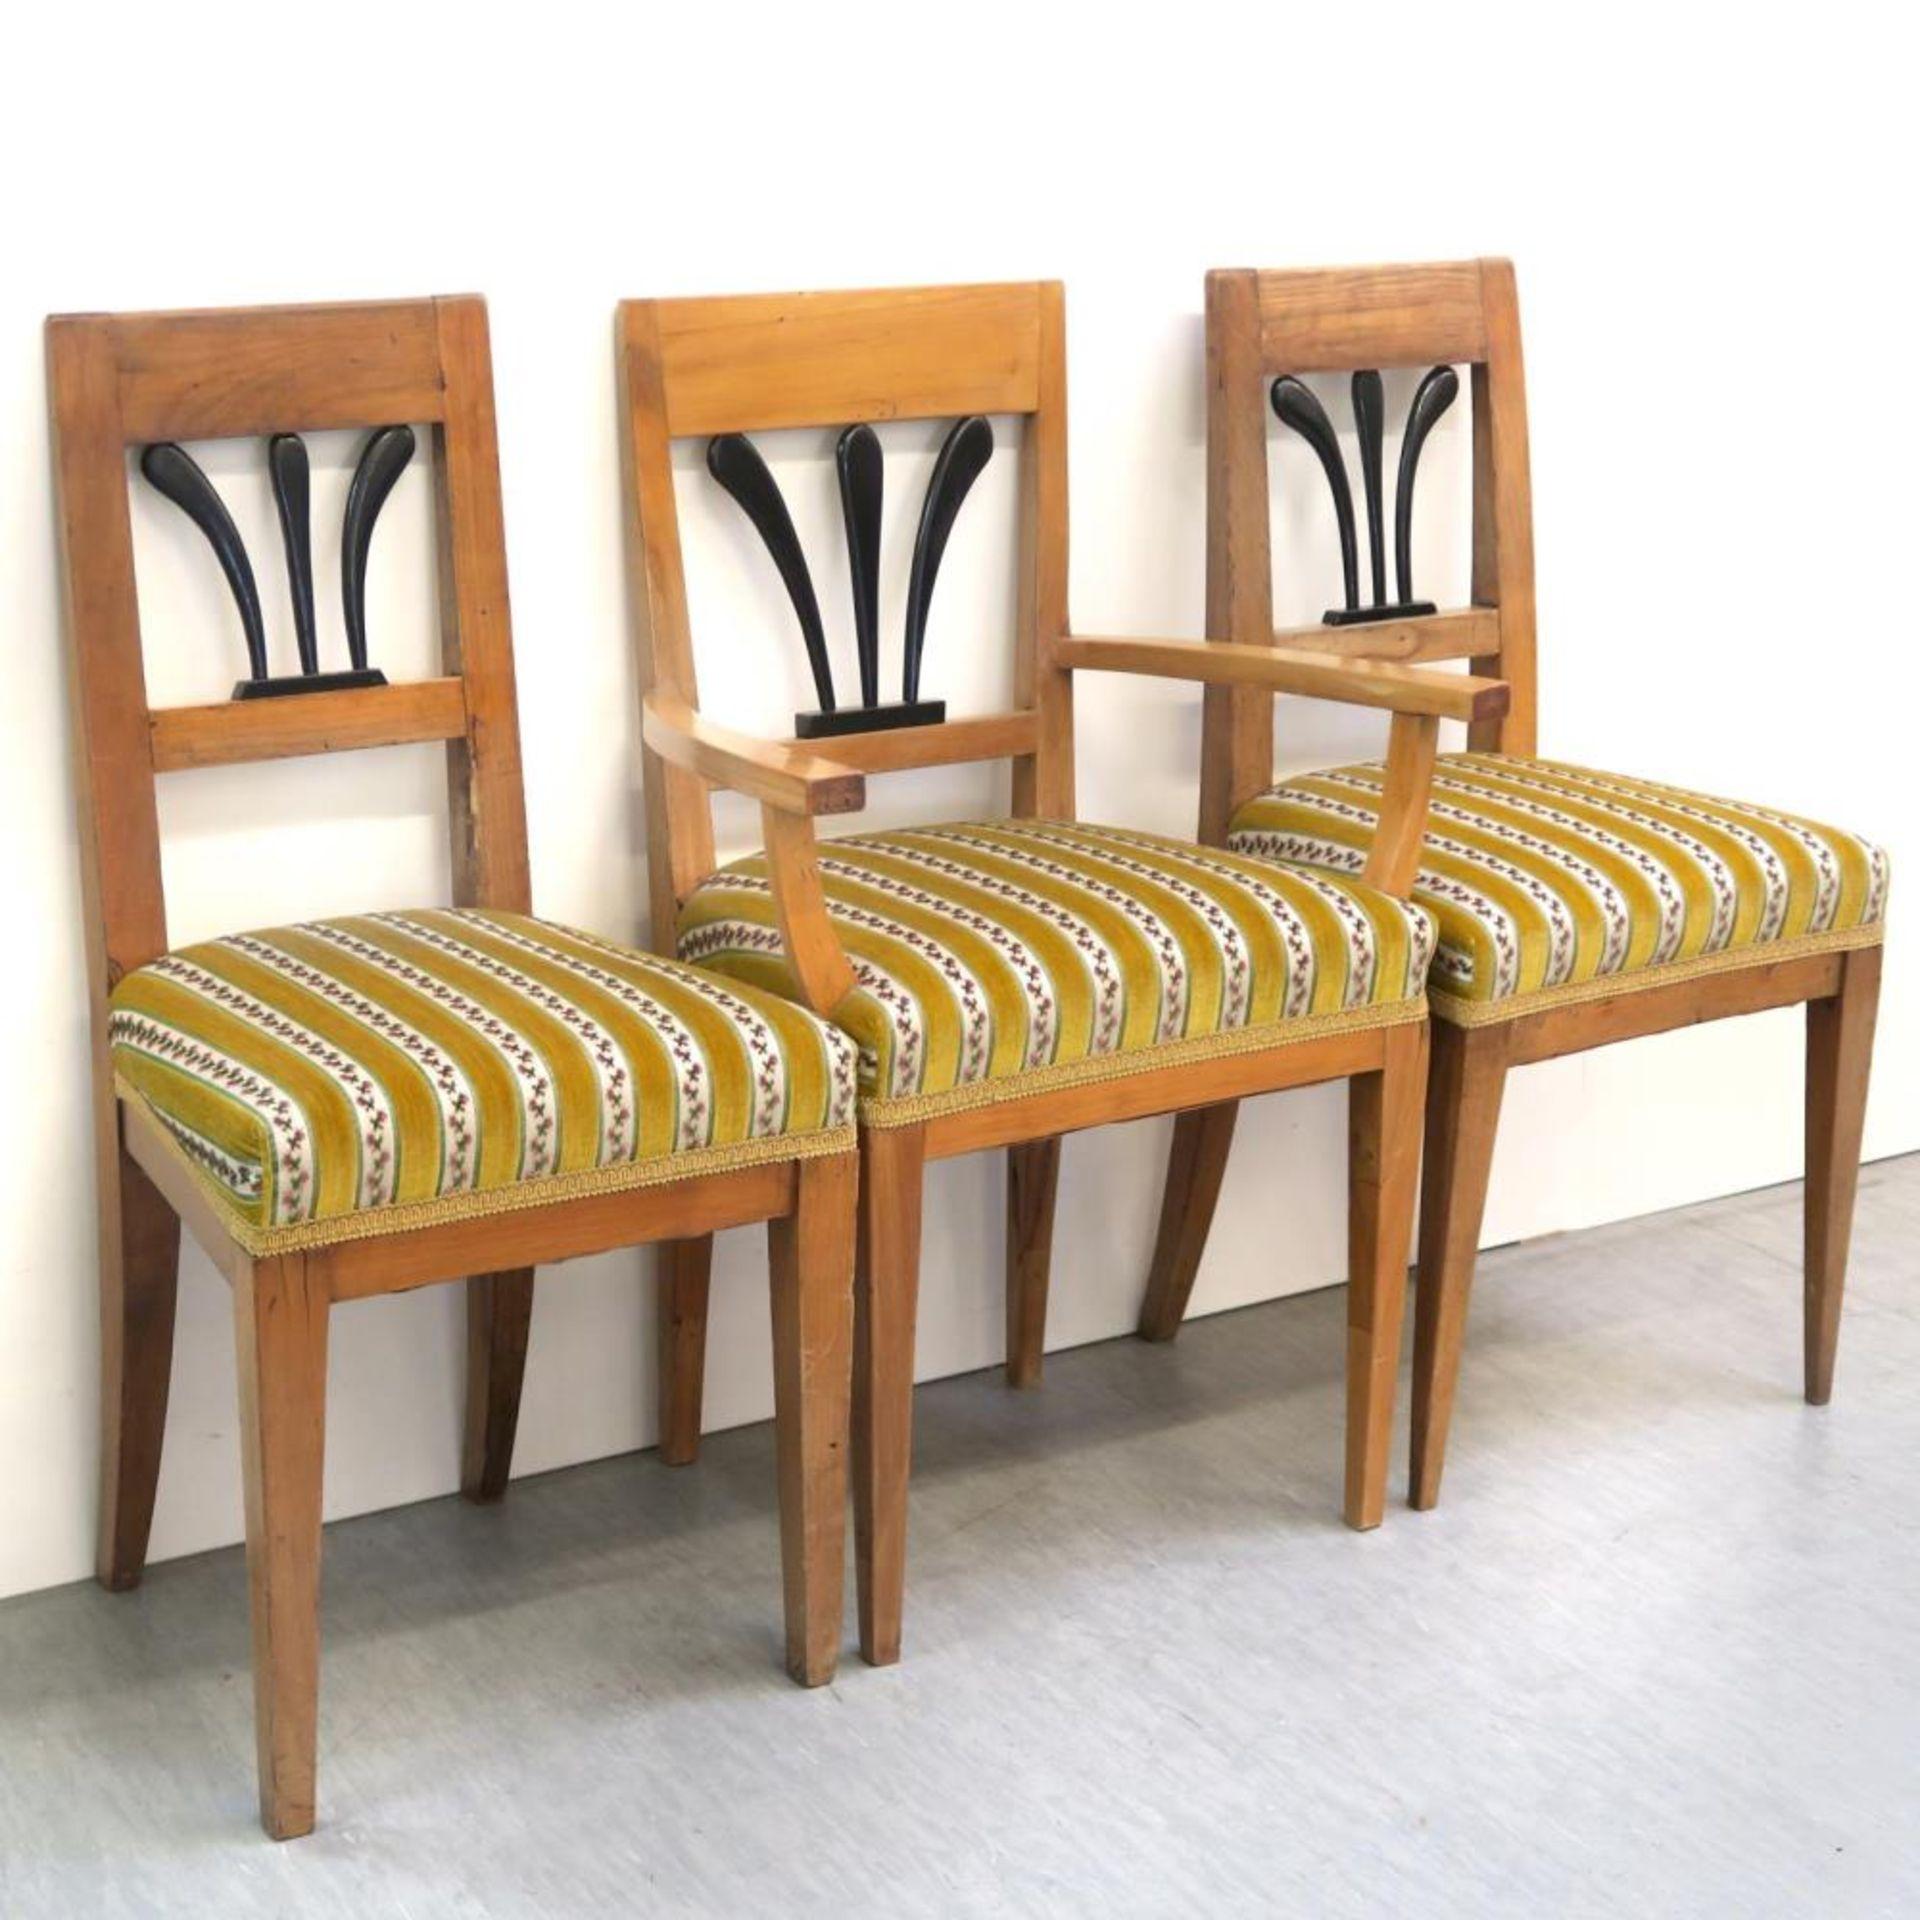 Ein Paar Stühle und ein Armlehnstuhl